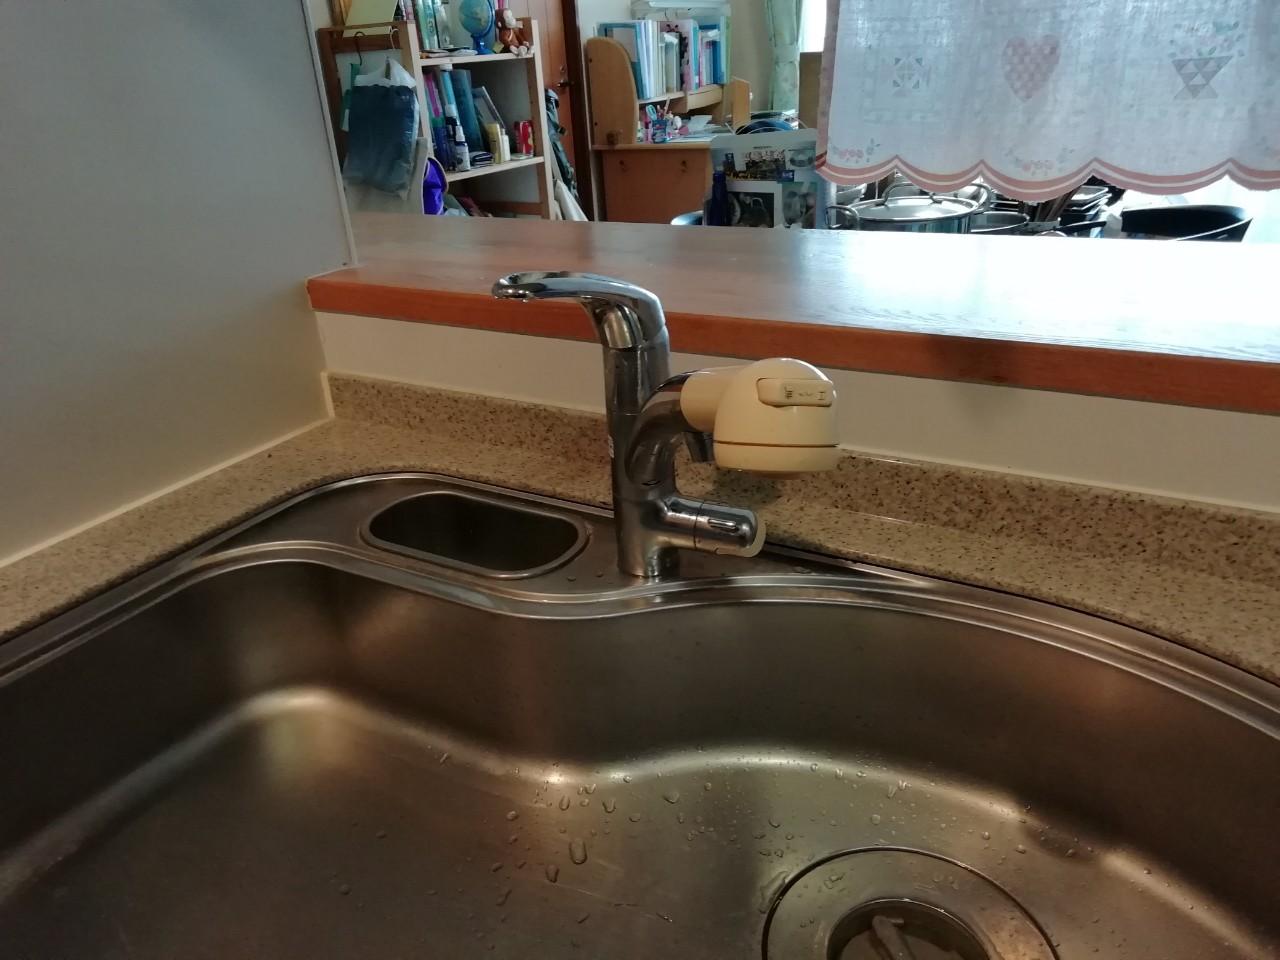 キッチン水栓の交換工事(JF-AJ461SYXBV(JW))【京都市北区紫野】